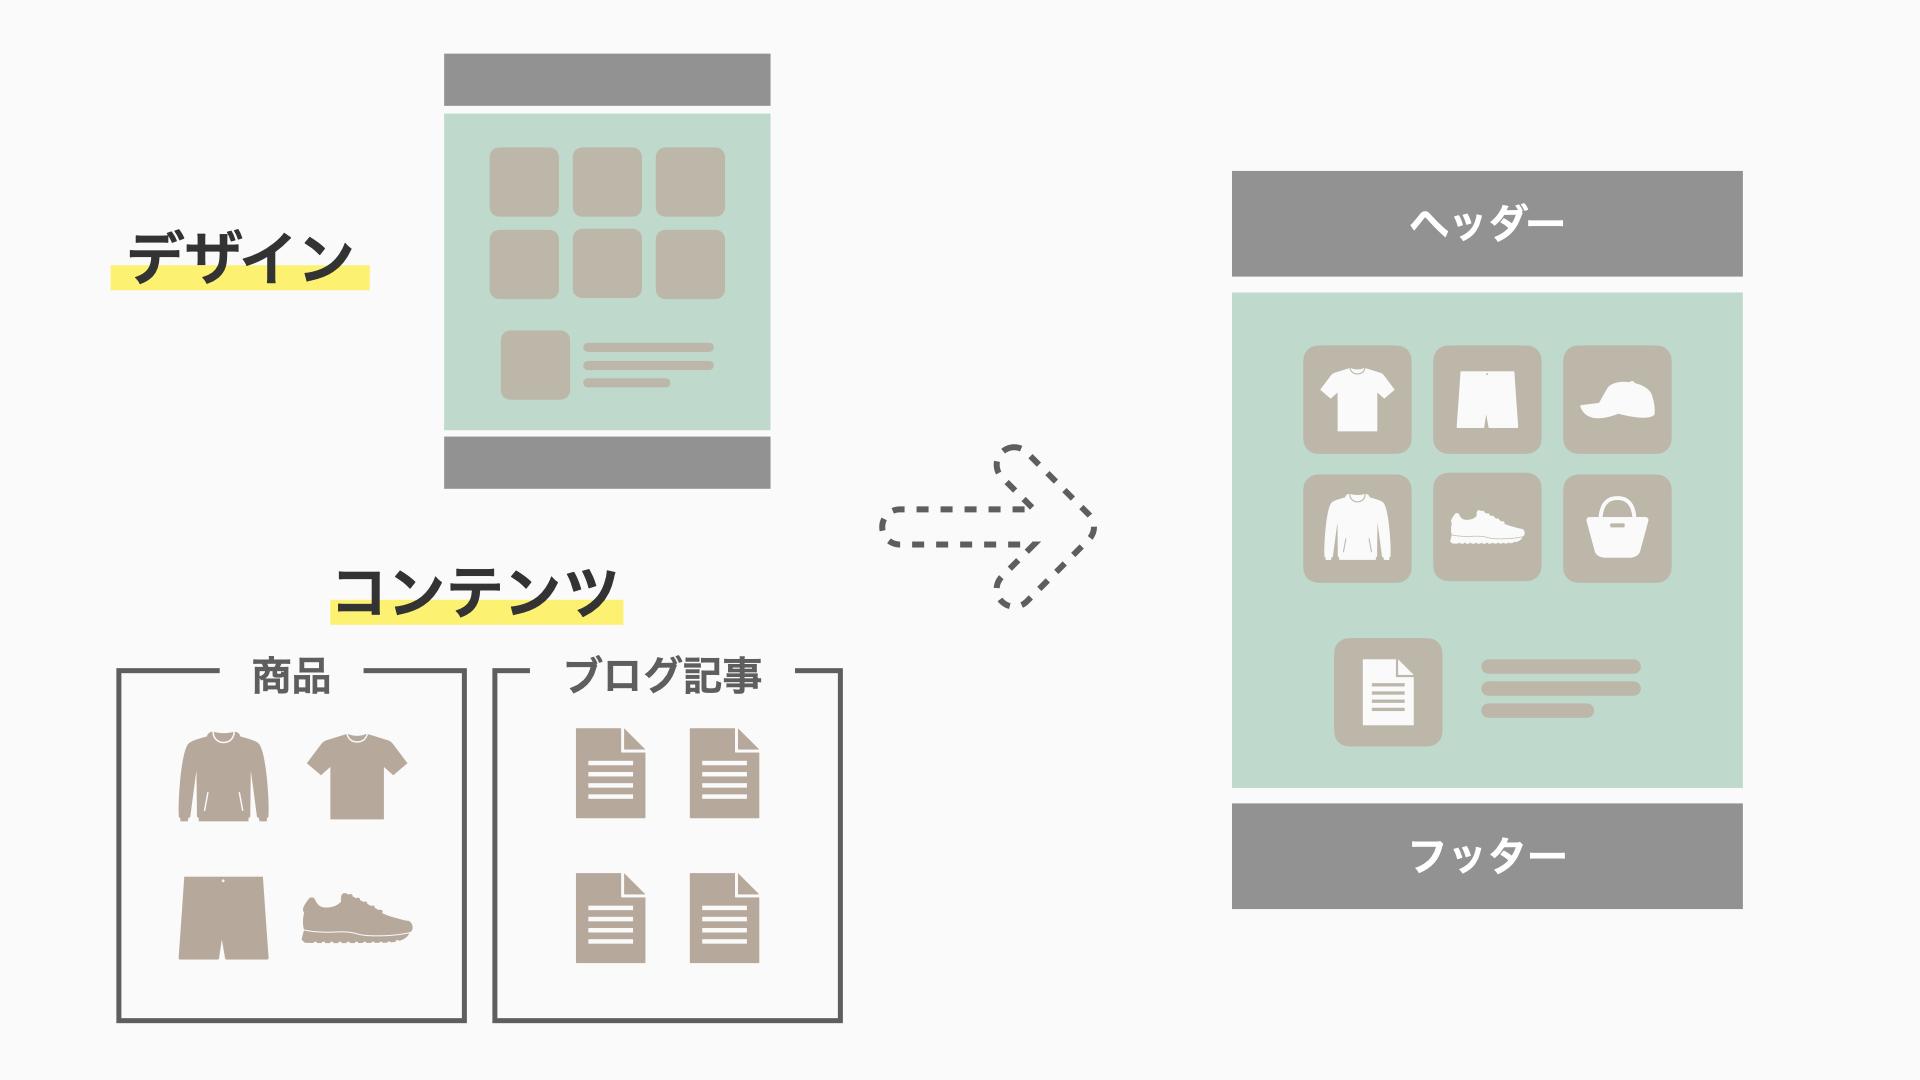 Shopifyはネットショップのデザインと、コンテンツ(商品データなど)が分離しており、ショップのデザインは同時に複数作成して管理することができます。そのため作成したすべてのデザインにあらかじめ登録した商品データなどのコンテンツを合わせて見比べることができます。